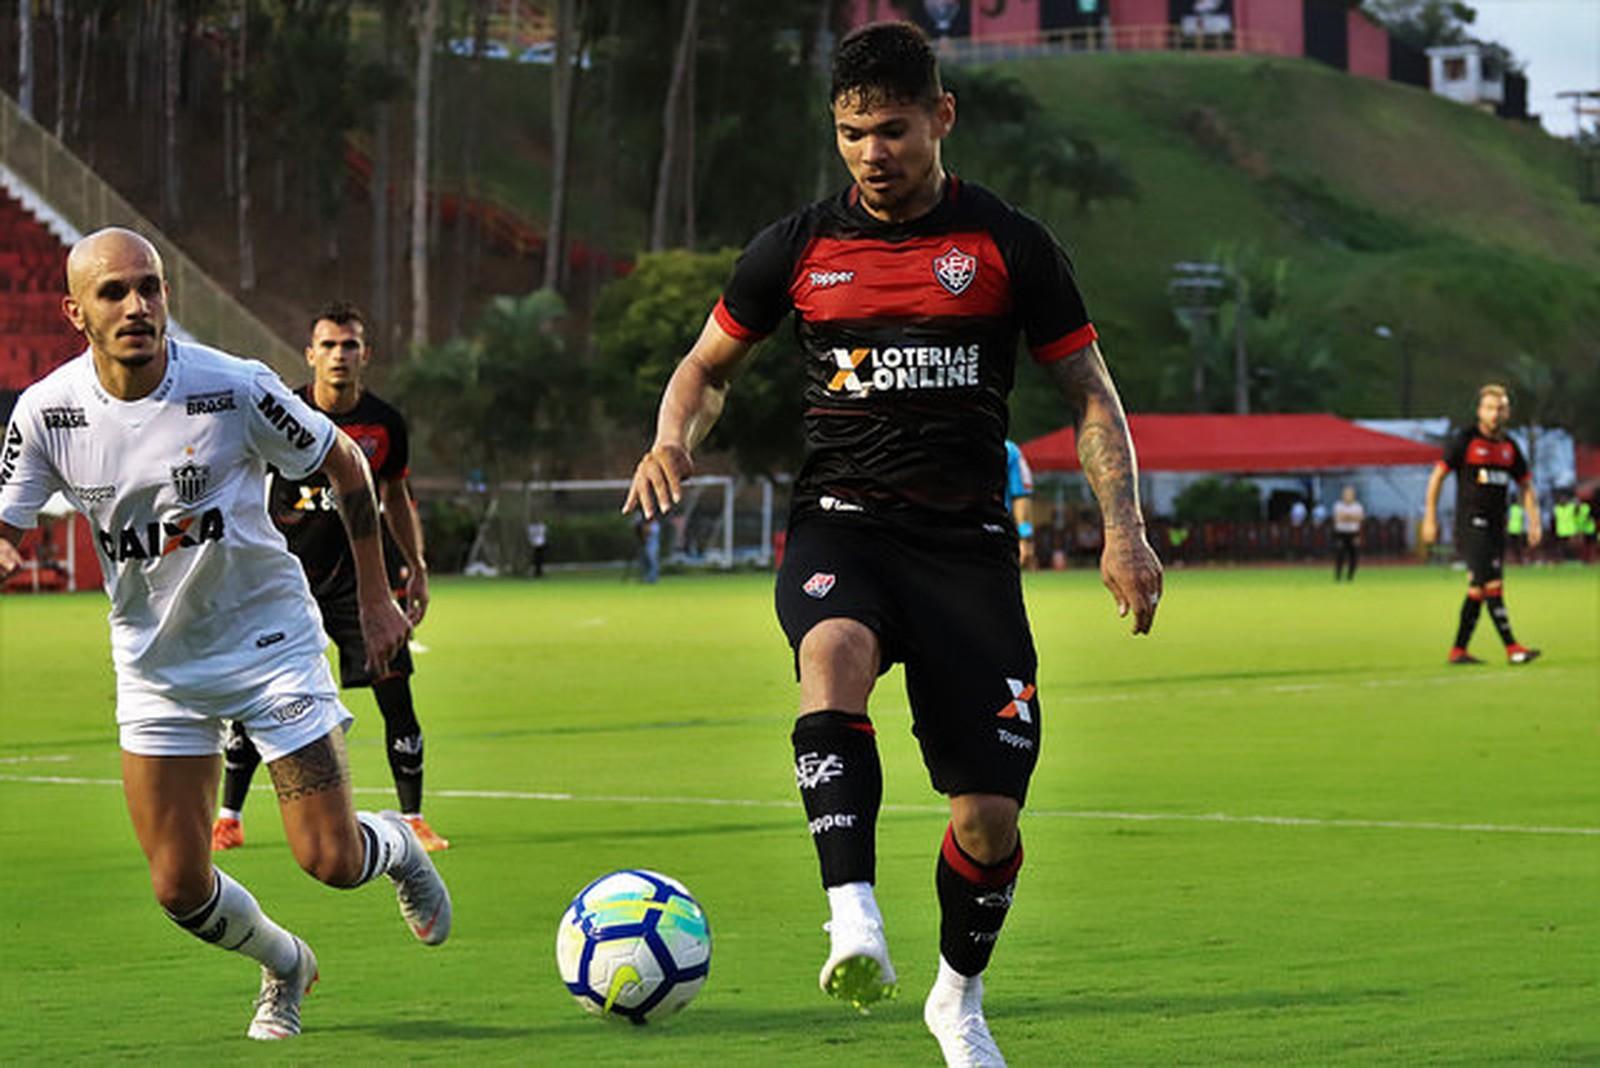 """Léo Ceará diz que está focado nos treinos e evita euforia: """"pensar jogo a jogo"""""""